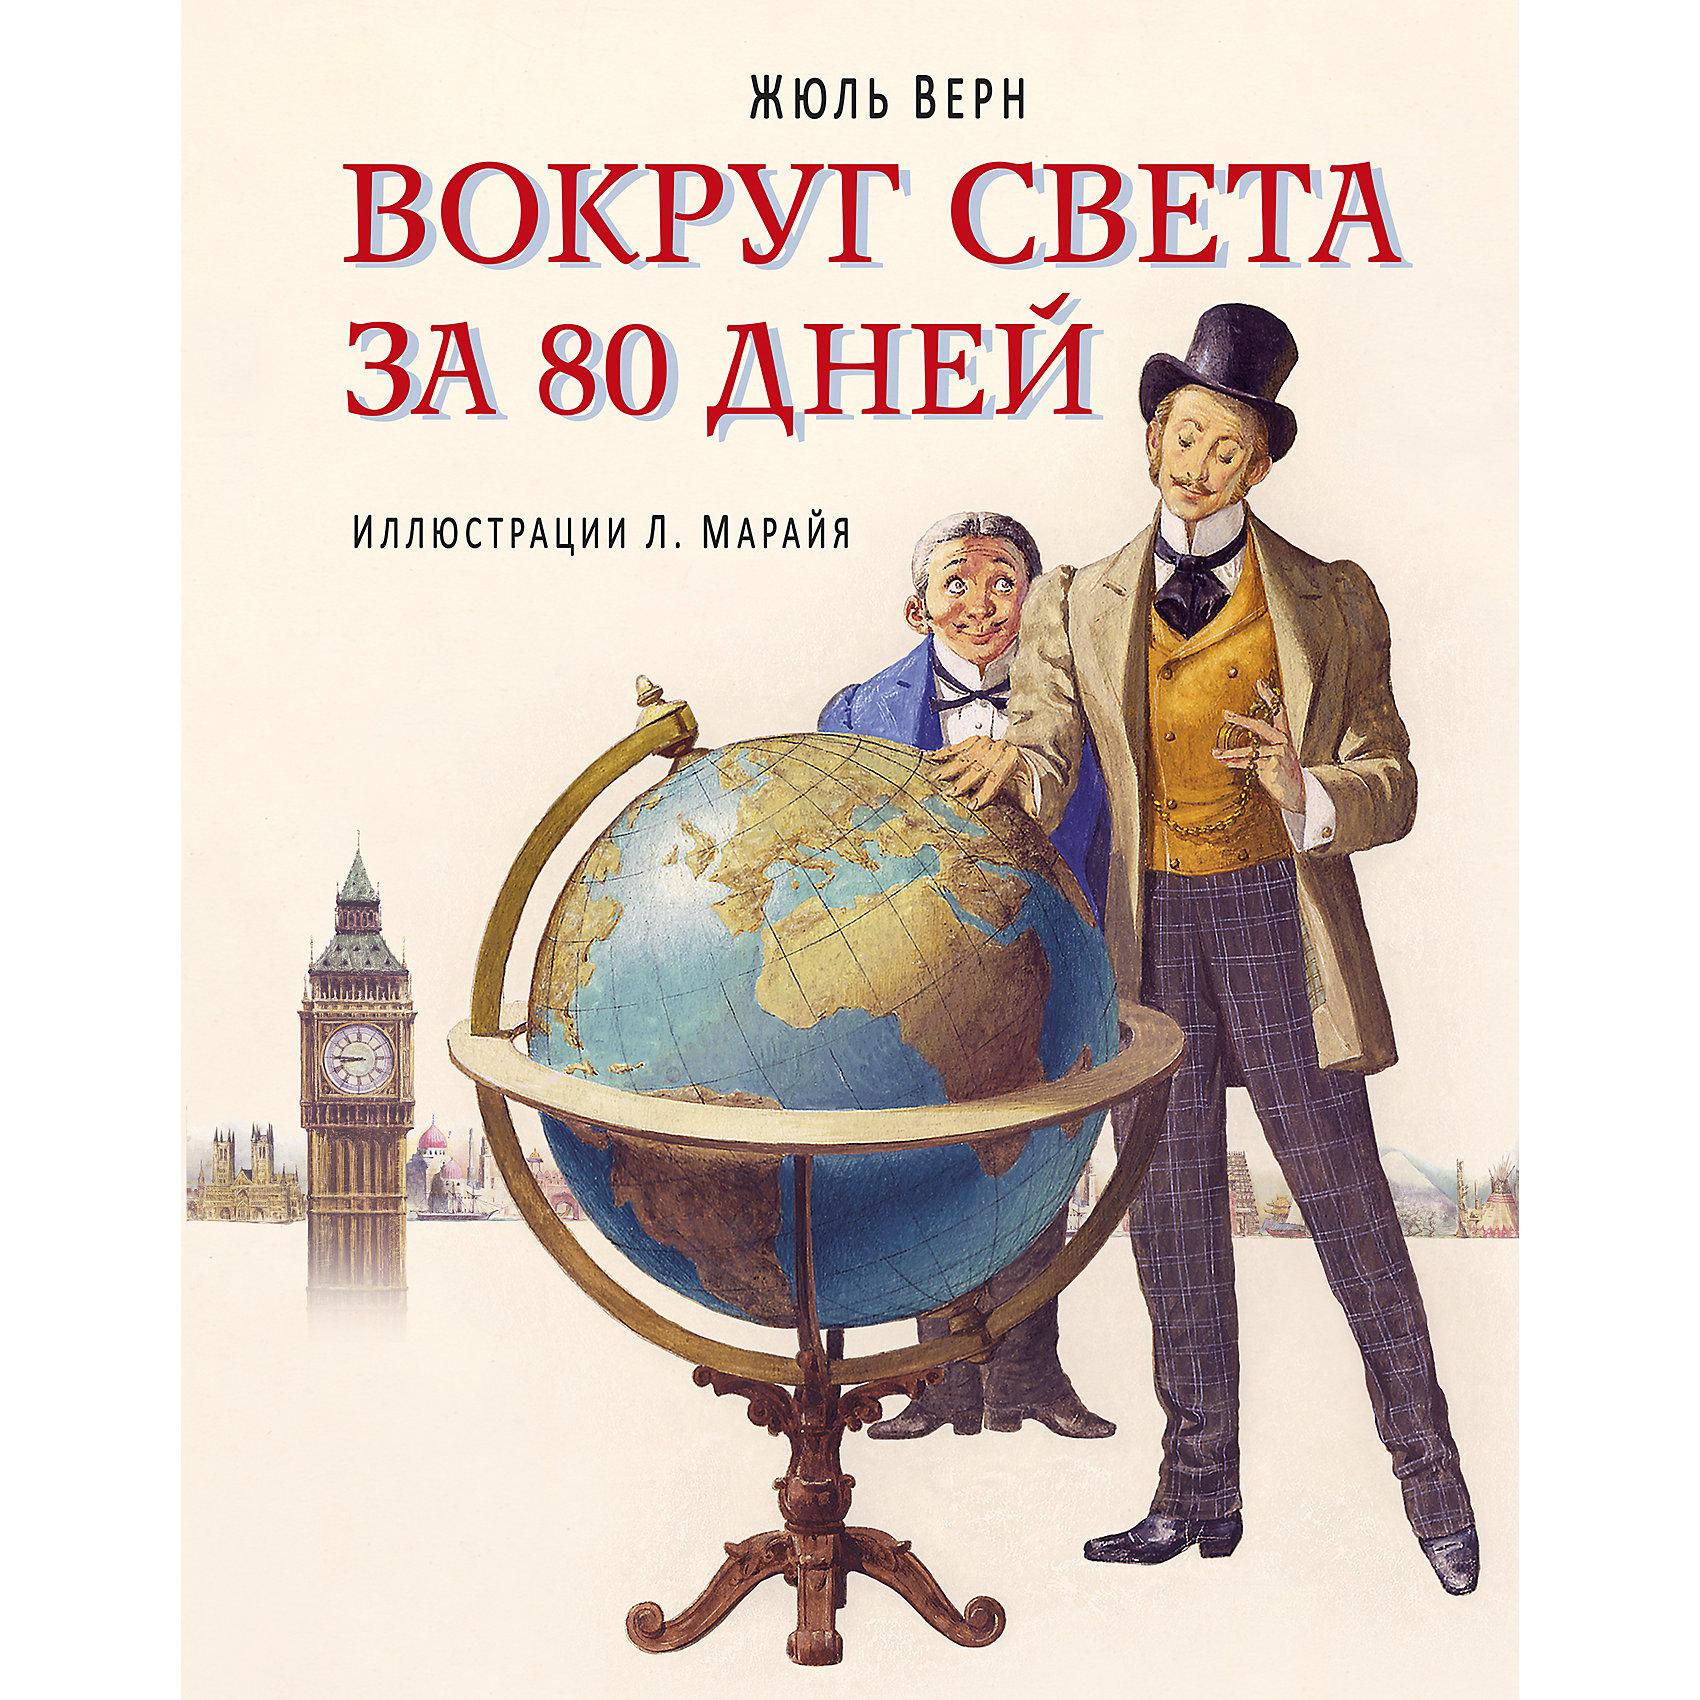 Эксмо Вокруг света за 80 дней, Жюль Верн жюль верн жан вокруг света в восемьдесят дней